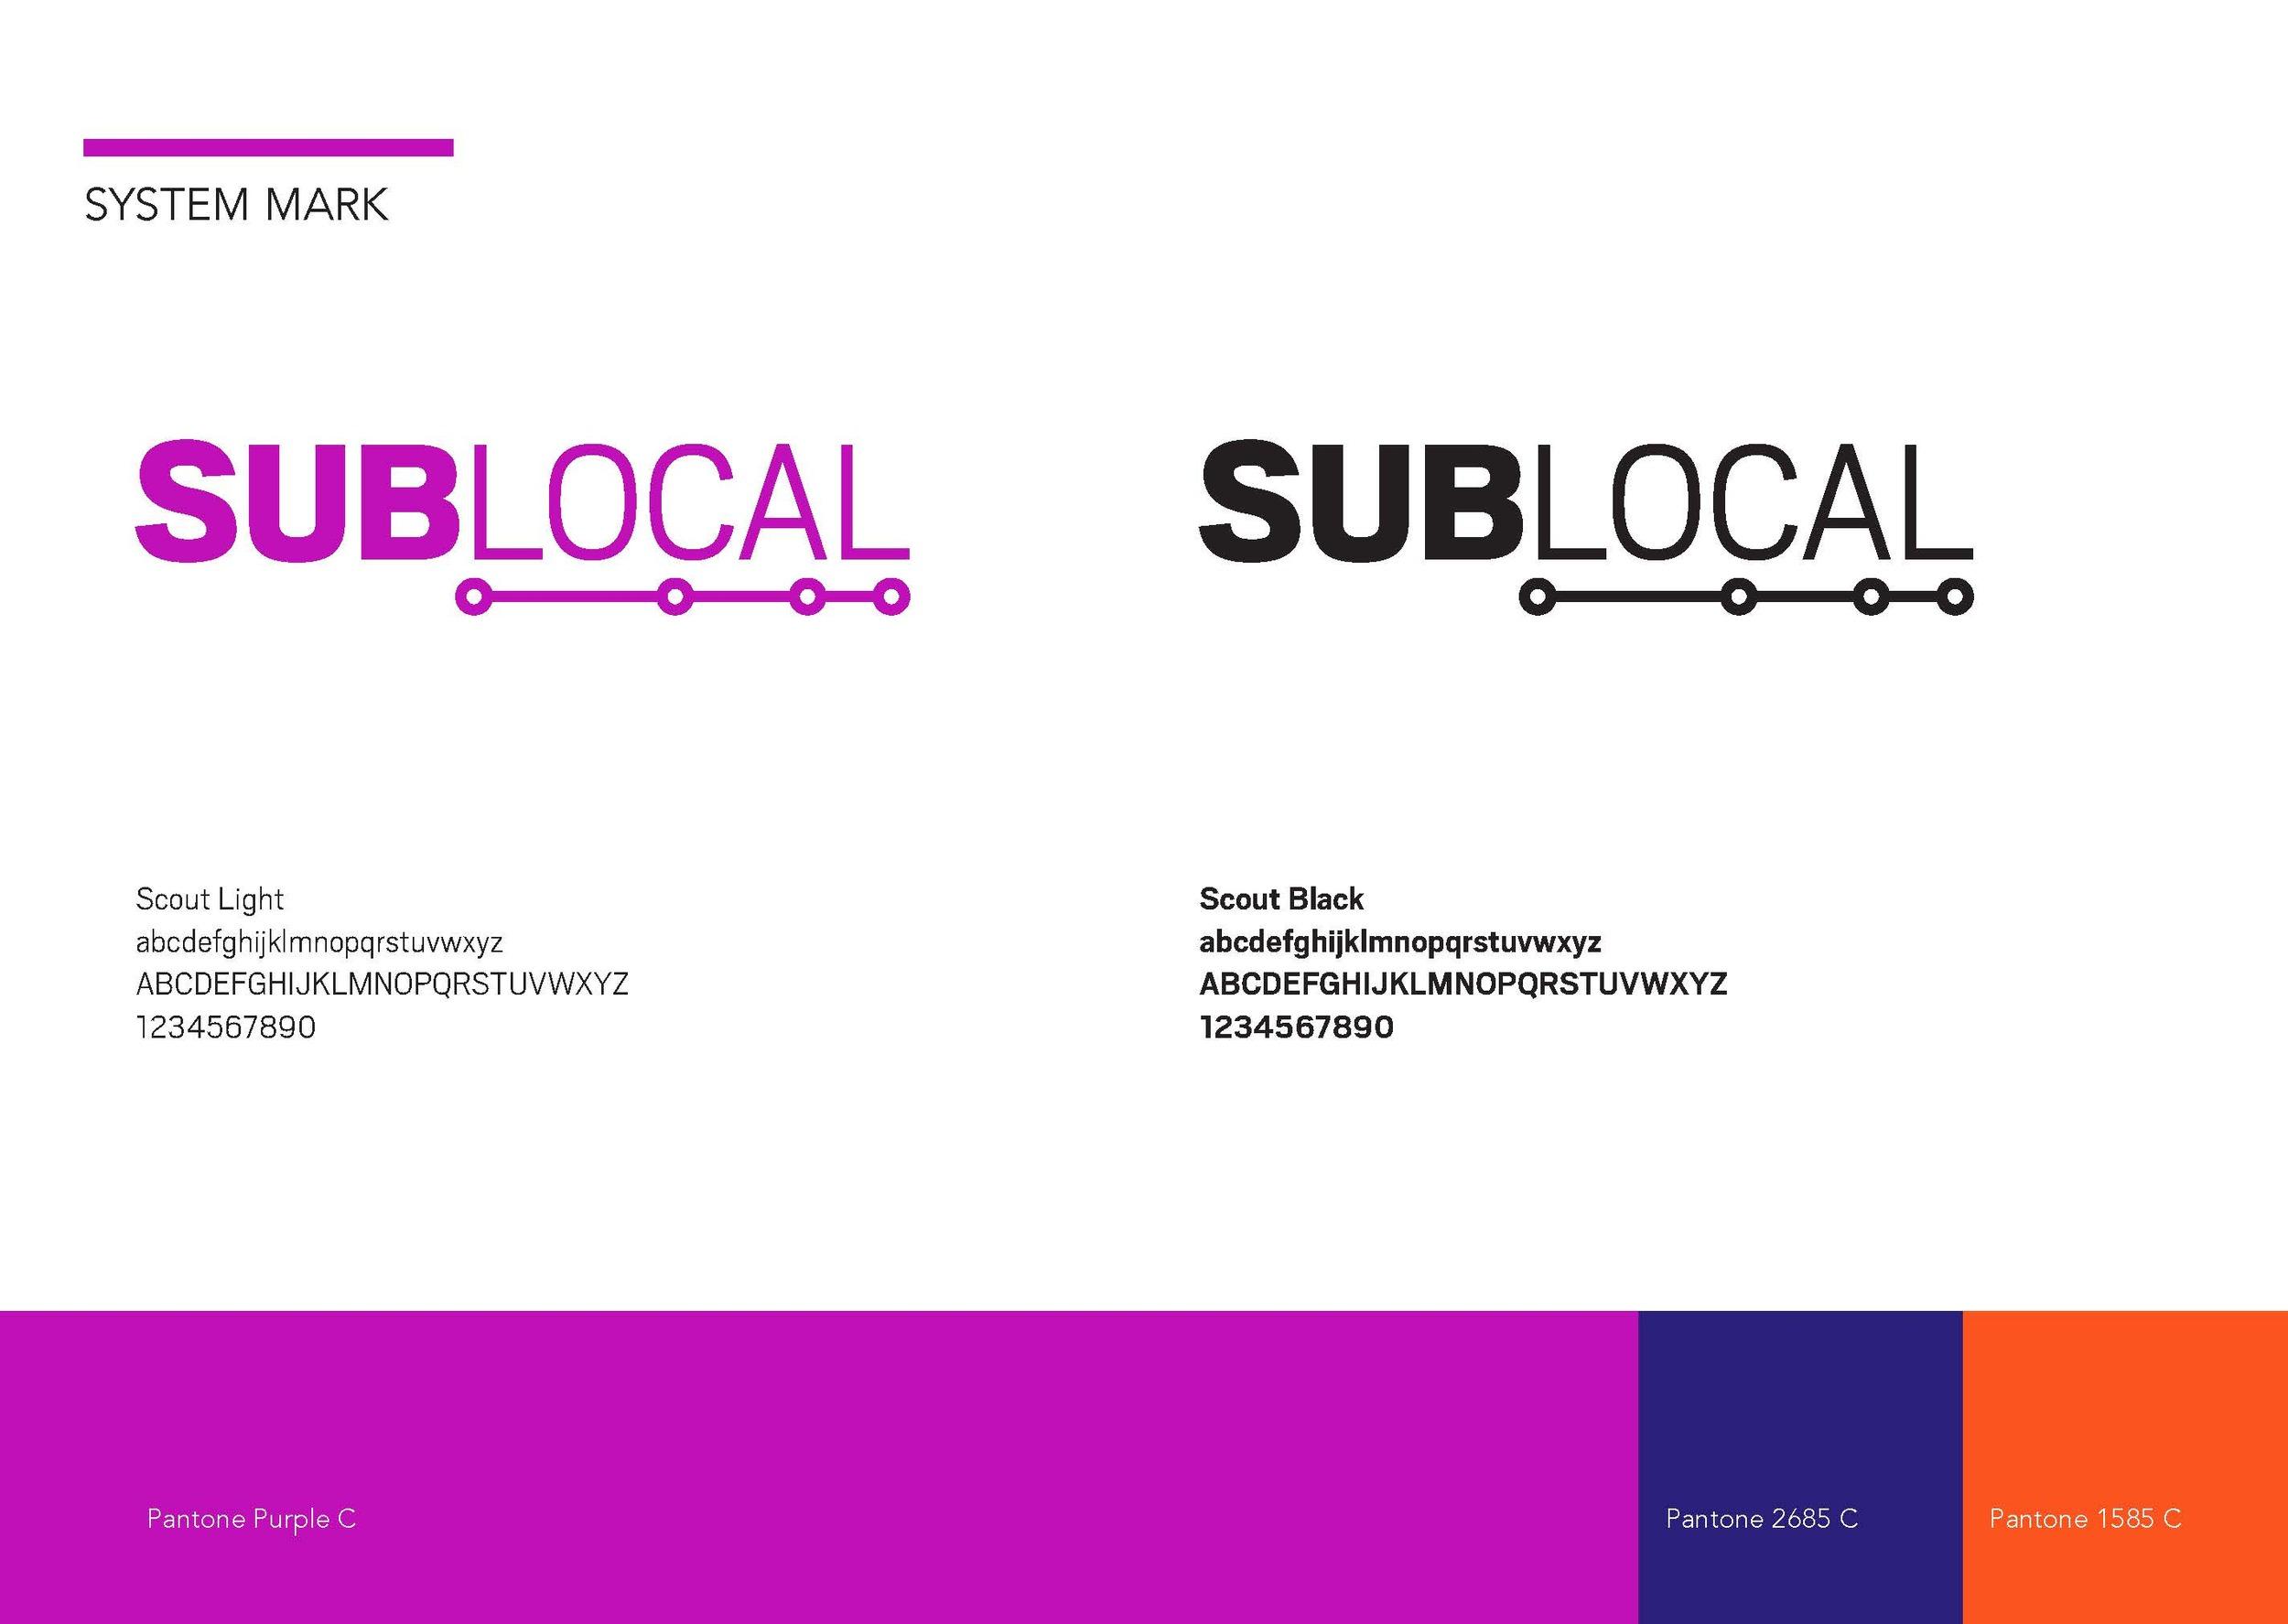 SubLocal_Presentaiton 2_Page_05.jpg